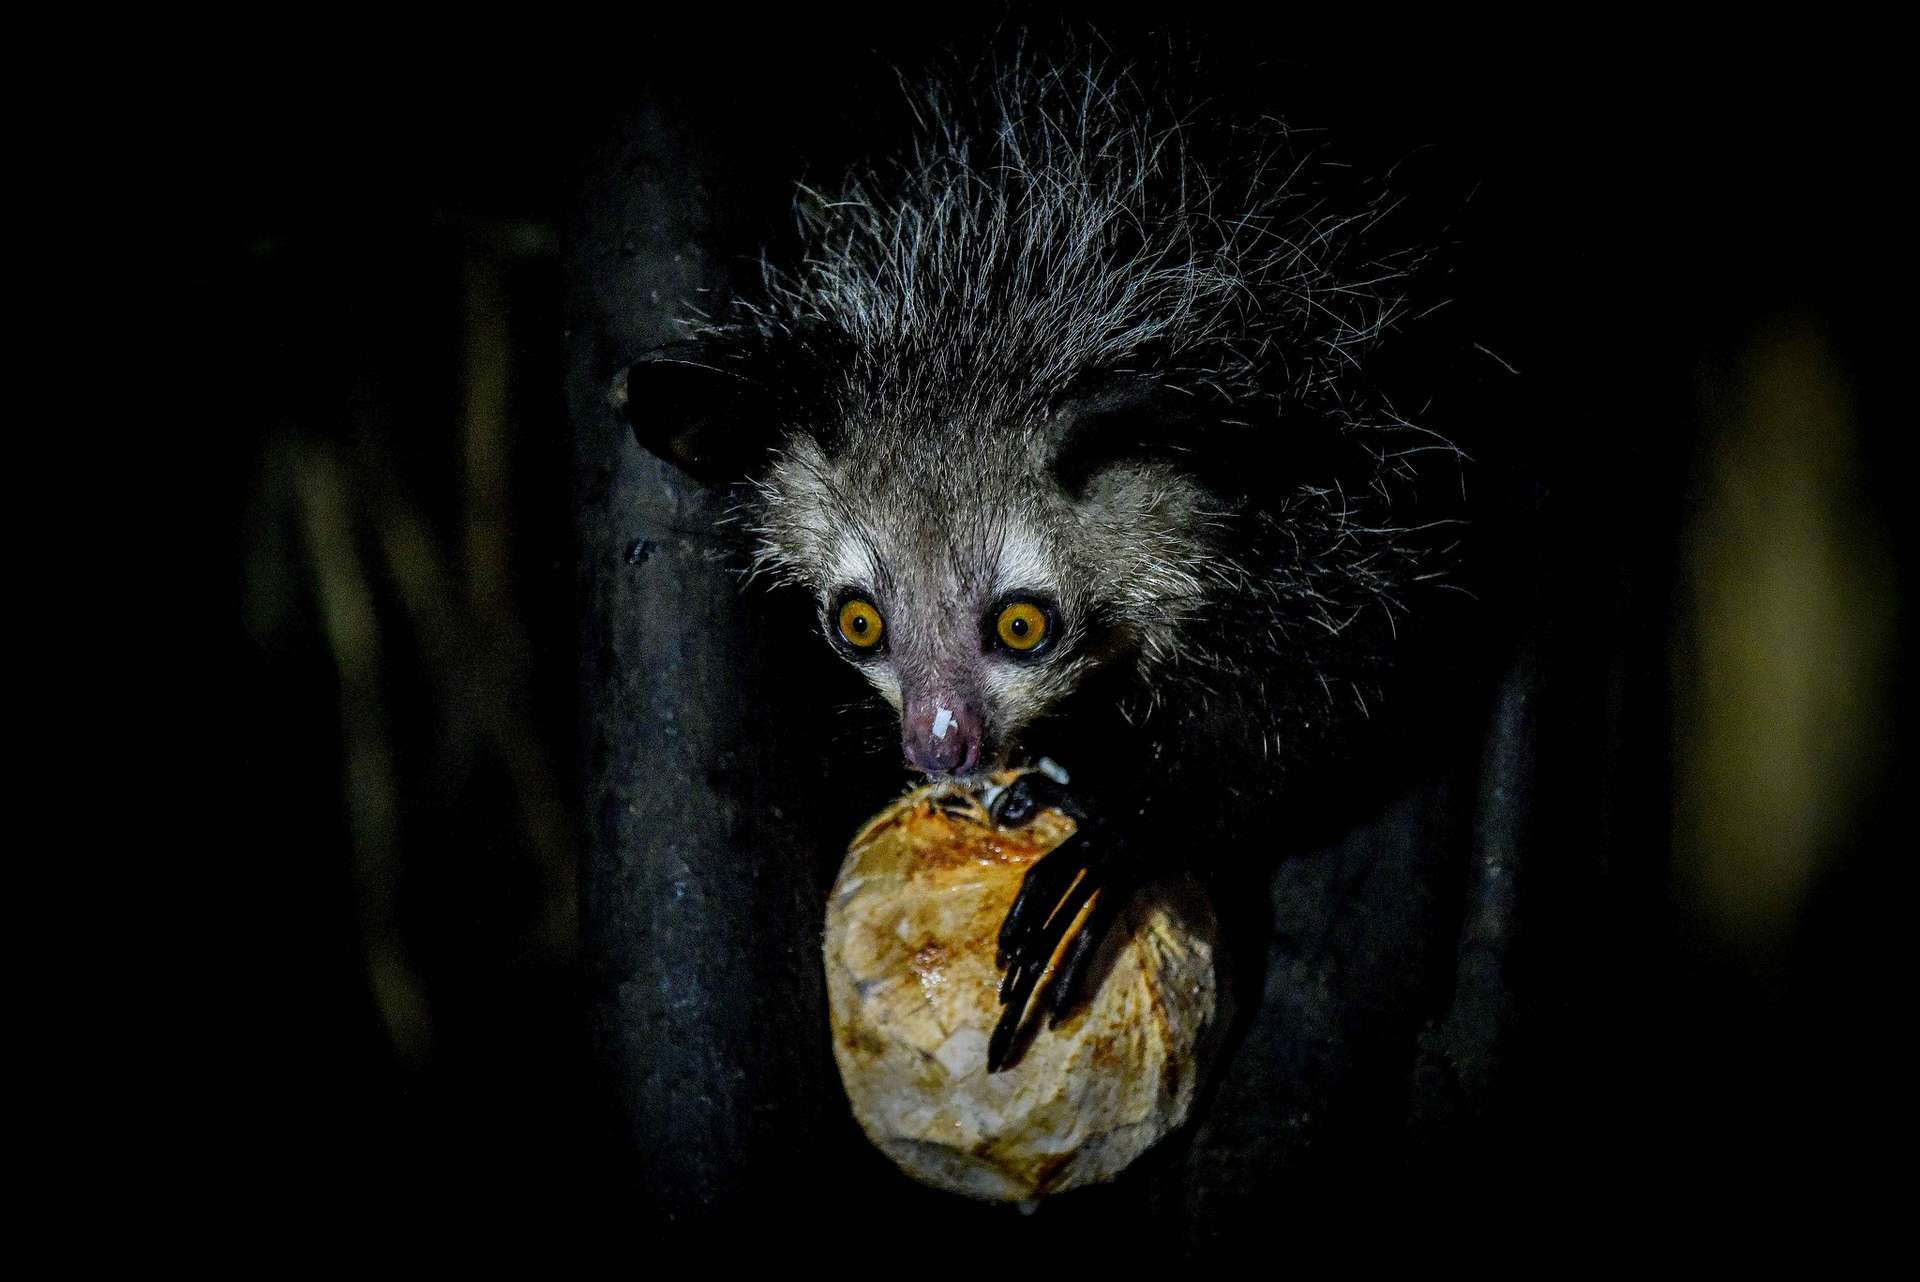 L'aye-aye est le plus gros primate nocturne. Il se nourrit de fruits et d'insectes qu'il récupère dans les troncs d'arbres grâce à ses longs doigts. © Rod Waddington, Flickr